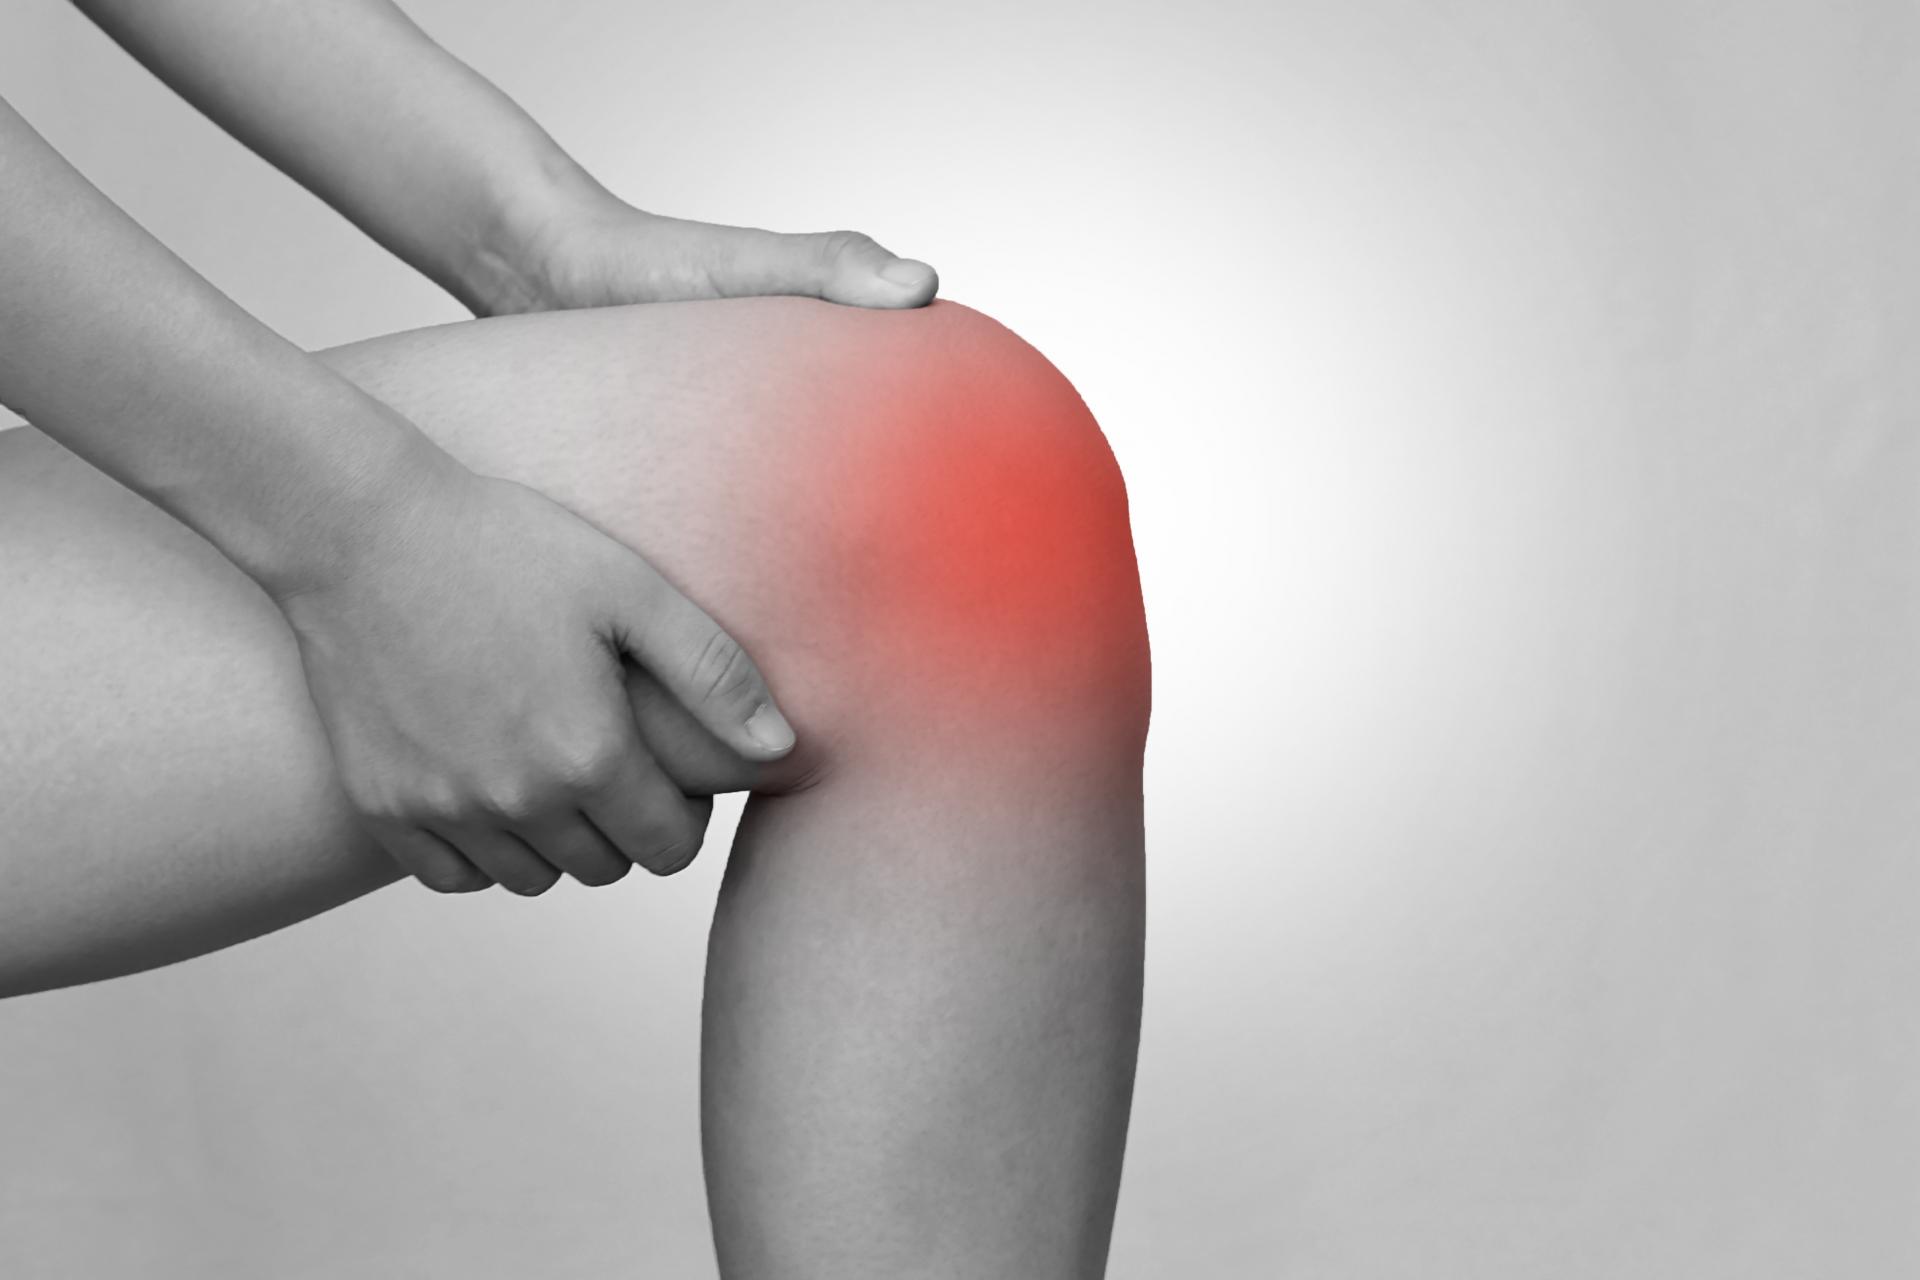 膝の靭帯損傷